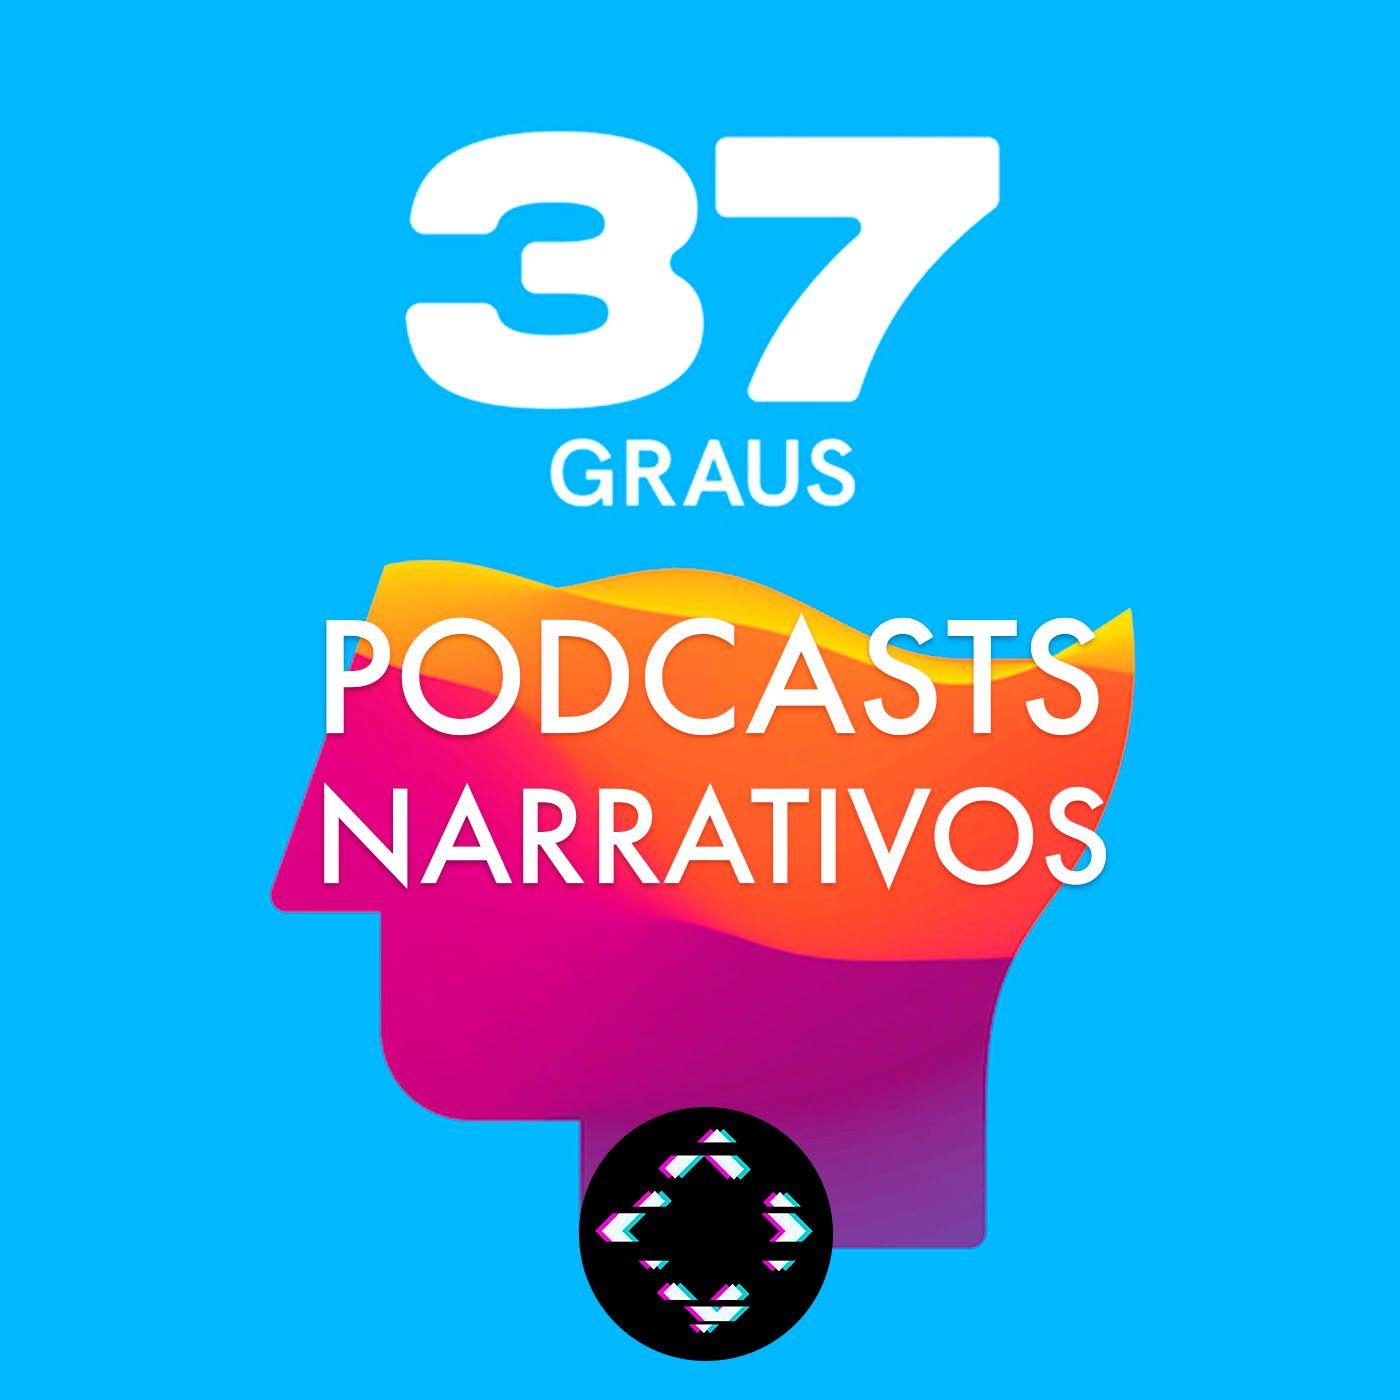 AntiCast 426 – Podcasts Narrativos (com 37 Graus)